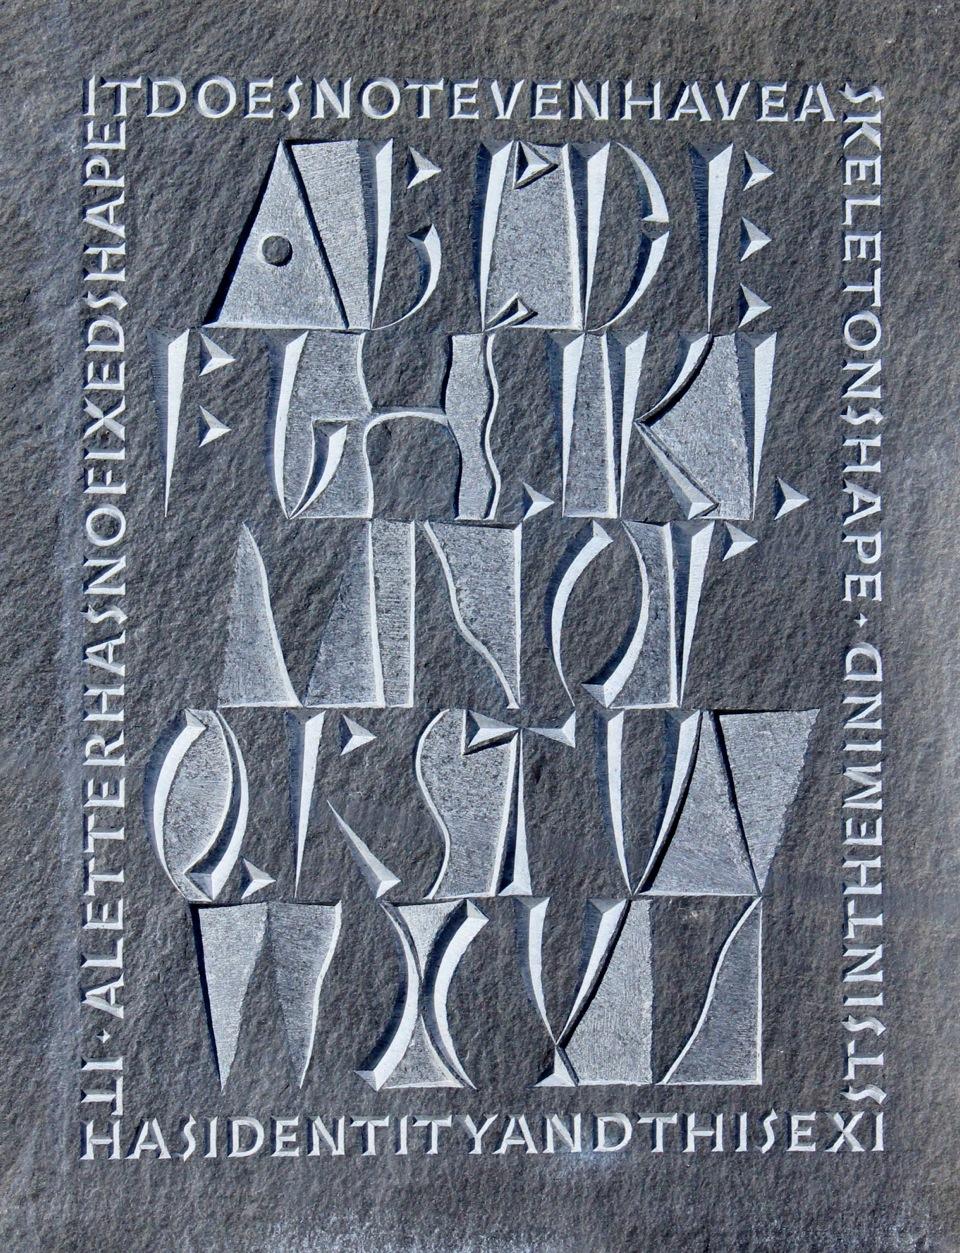 Annet Stirling - Alphabet carving